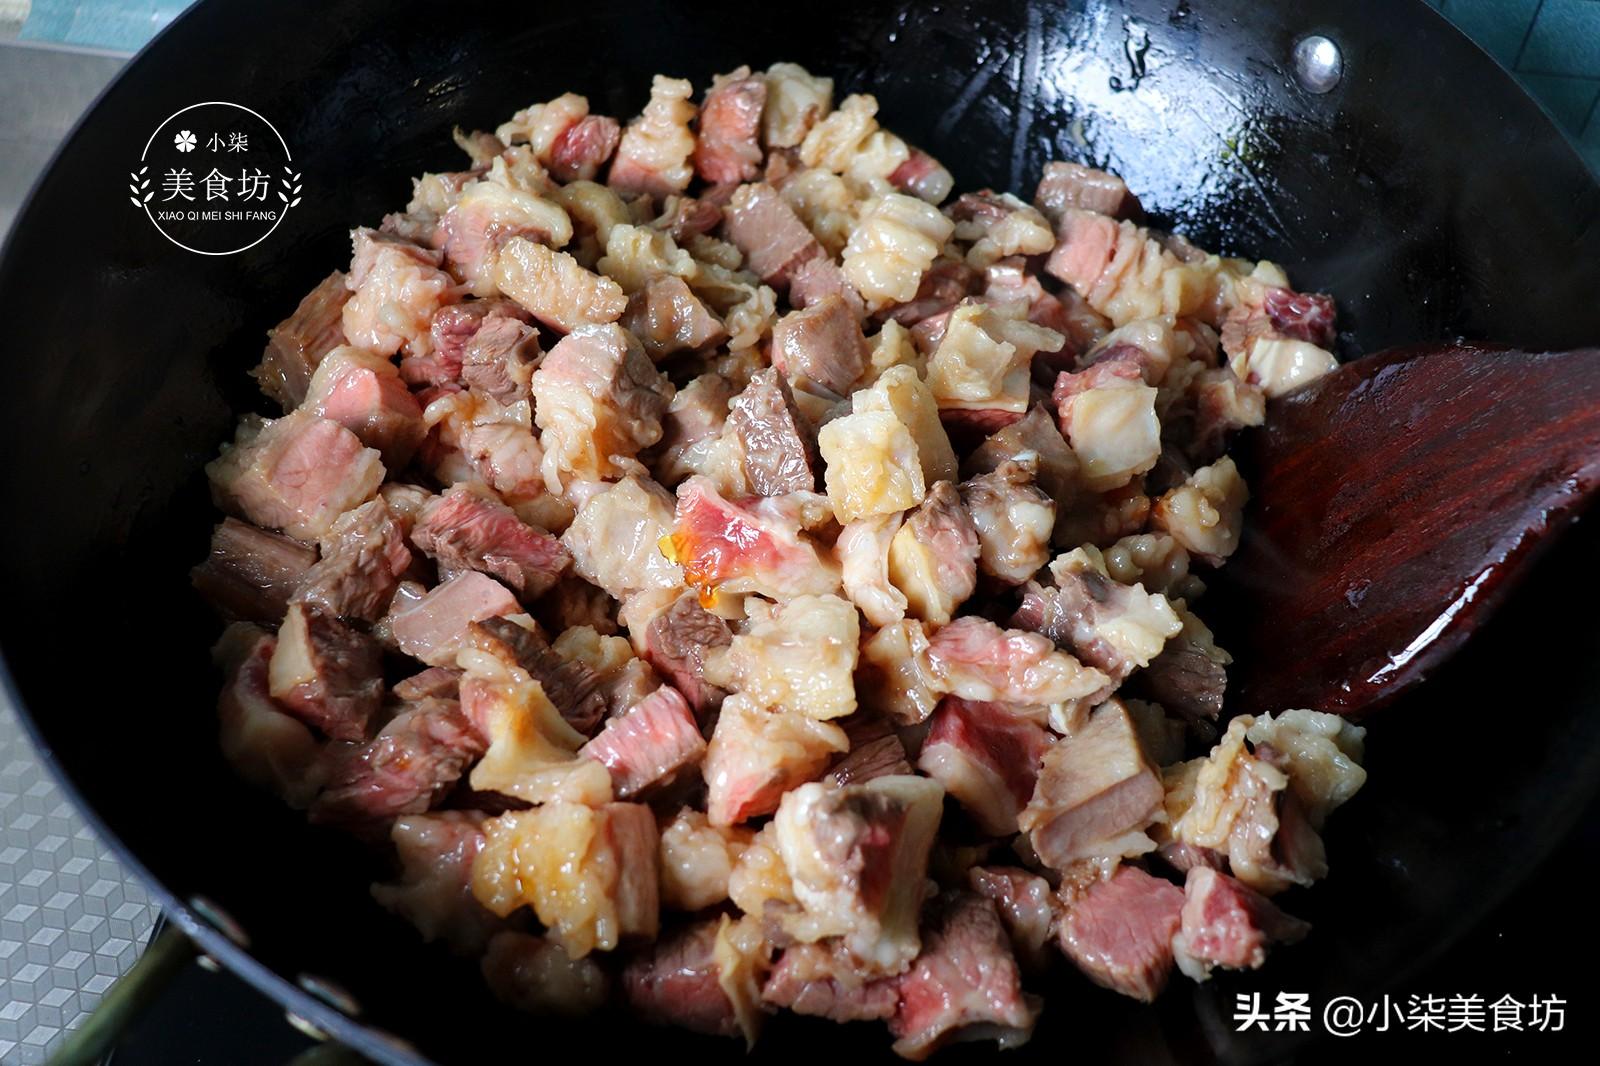 自從知道牛腩這樣做,我家一週吃5次,軟爛鮮香,比紅燒肉還好吃